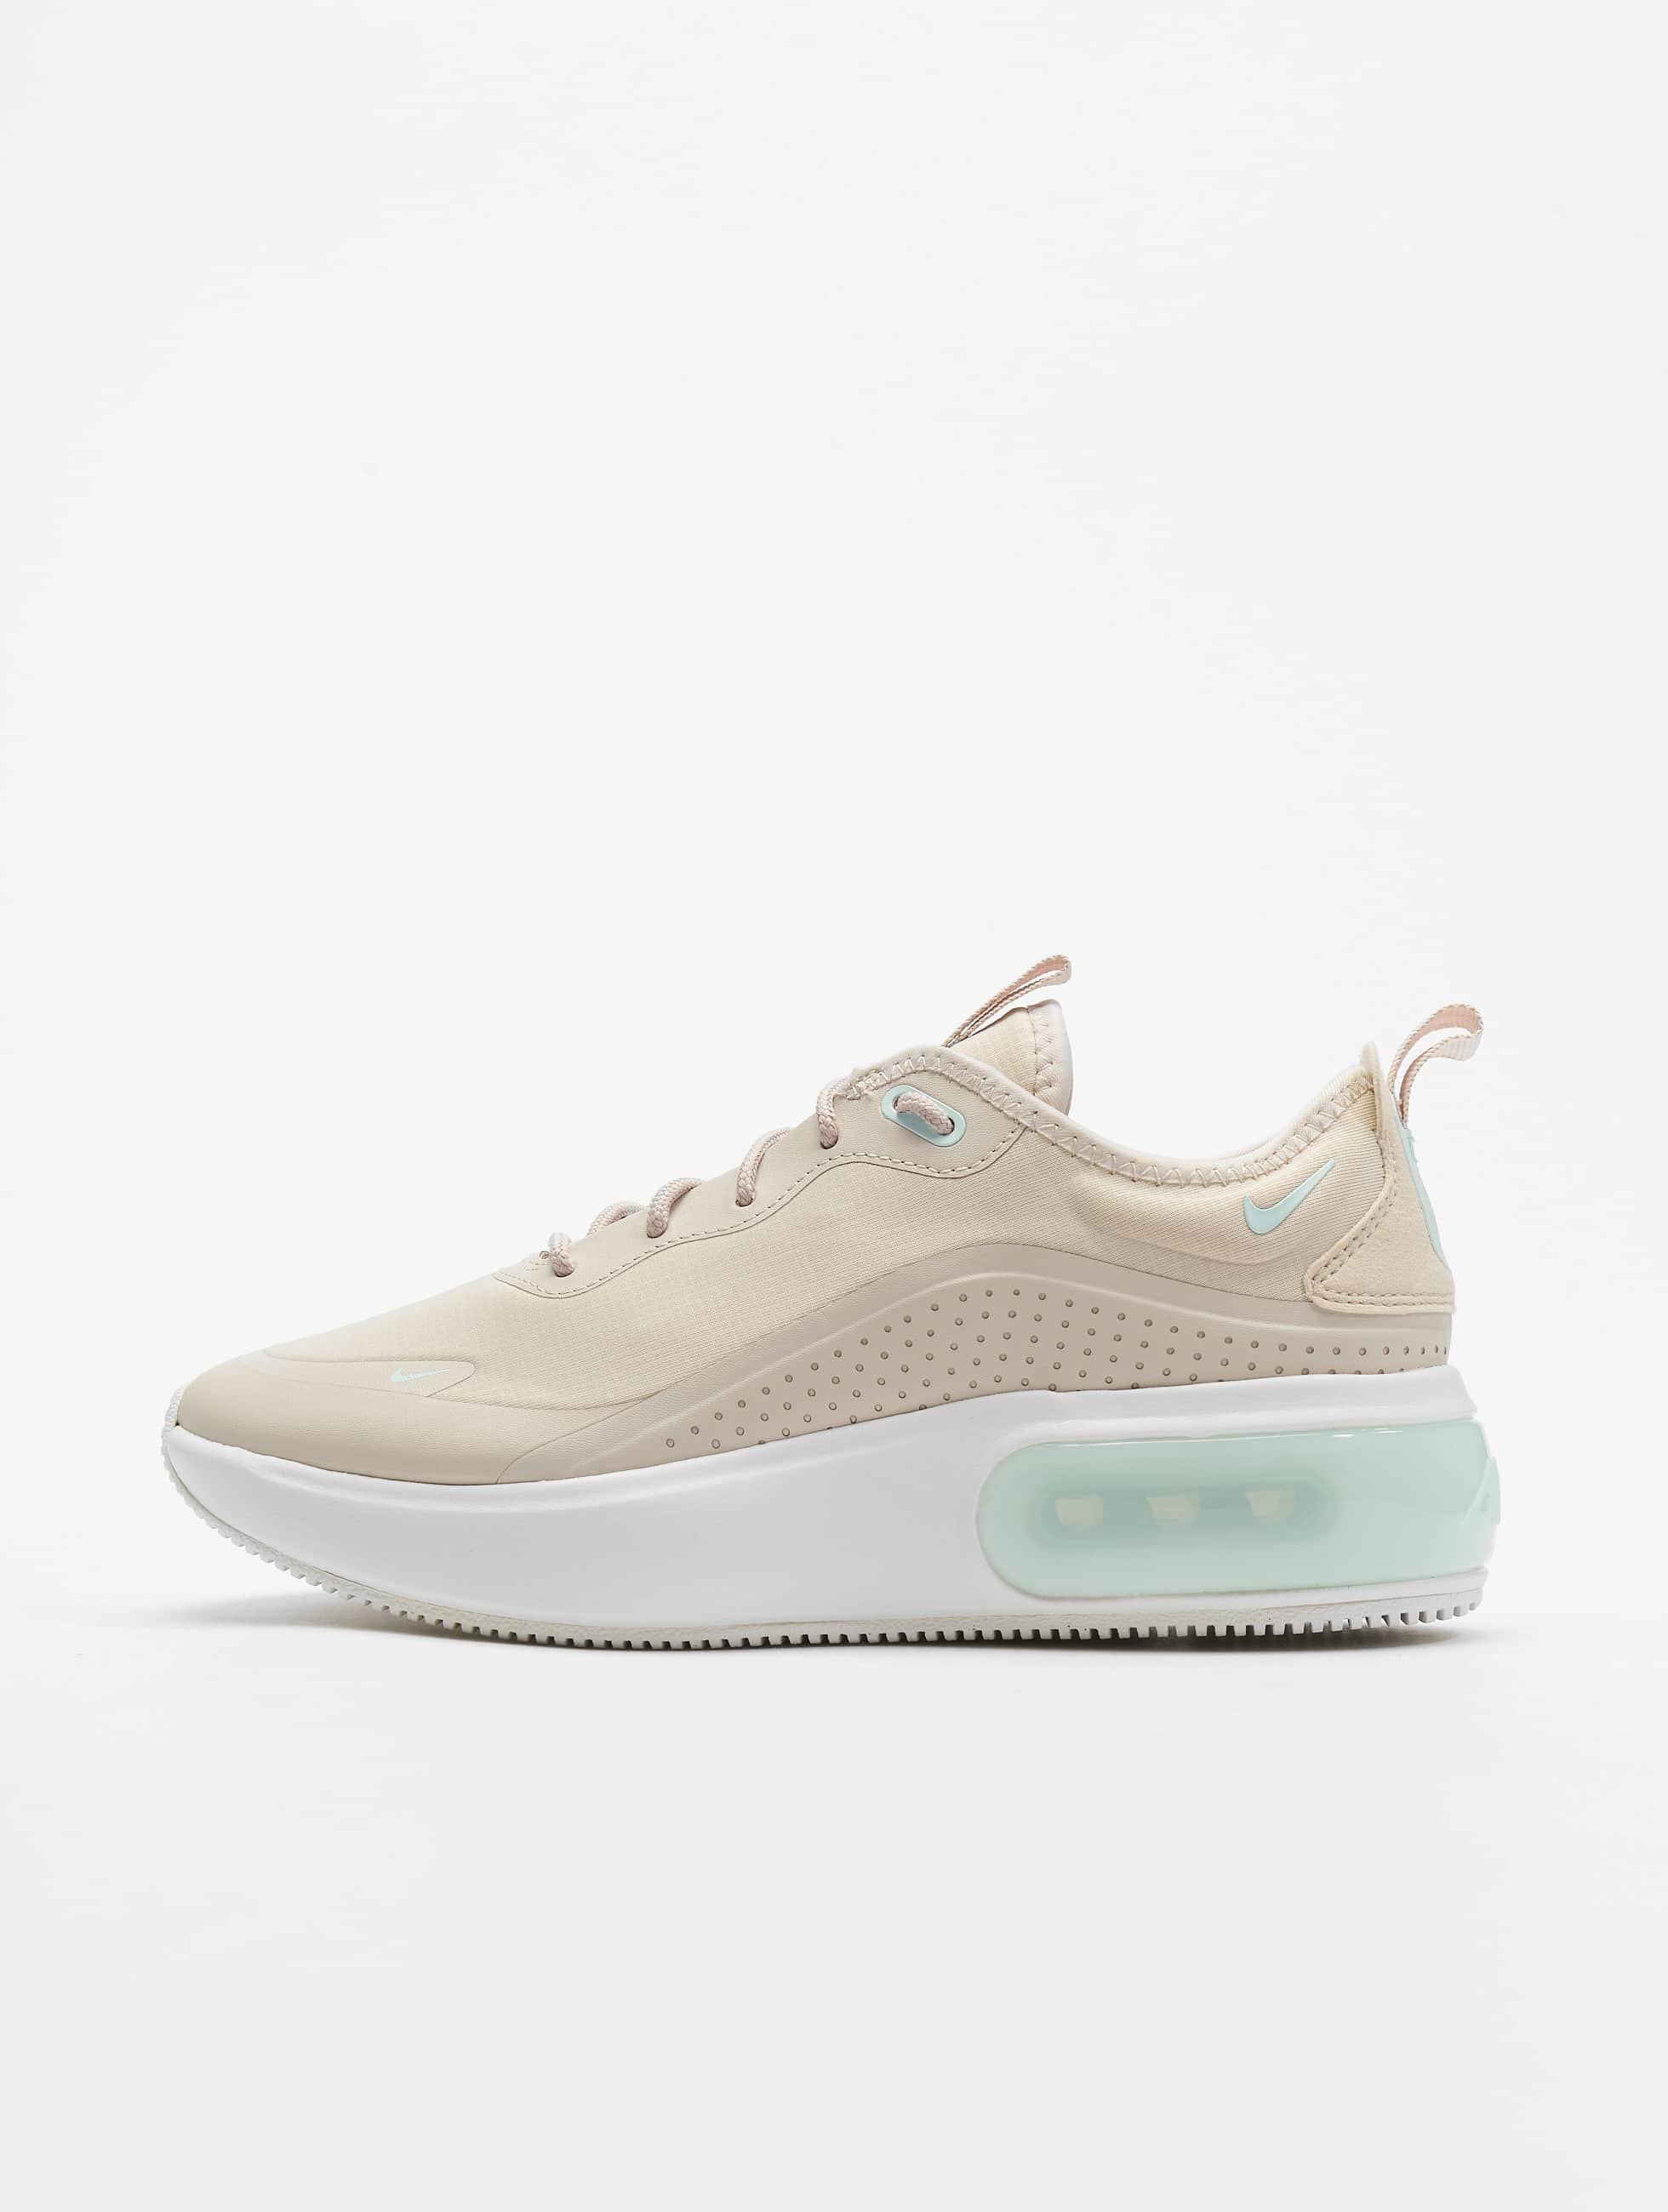 Nike Air Max Dia Sneakers LT Orewood BrnTeal TintSummit White